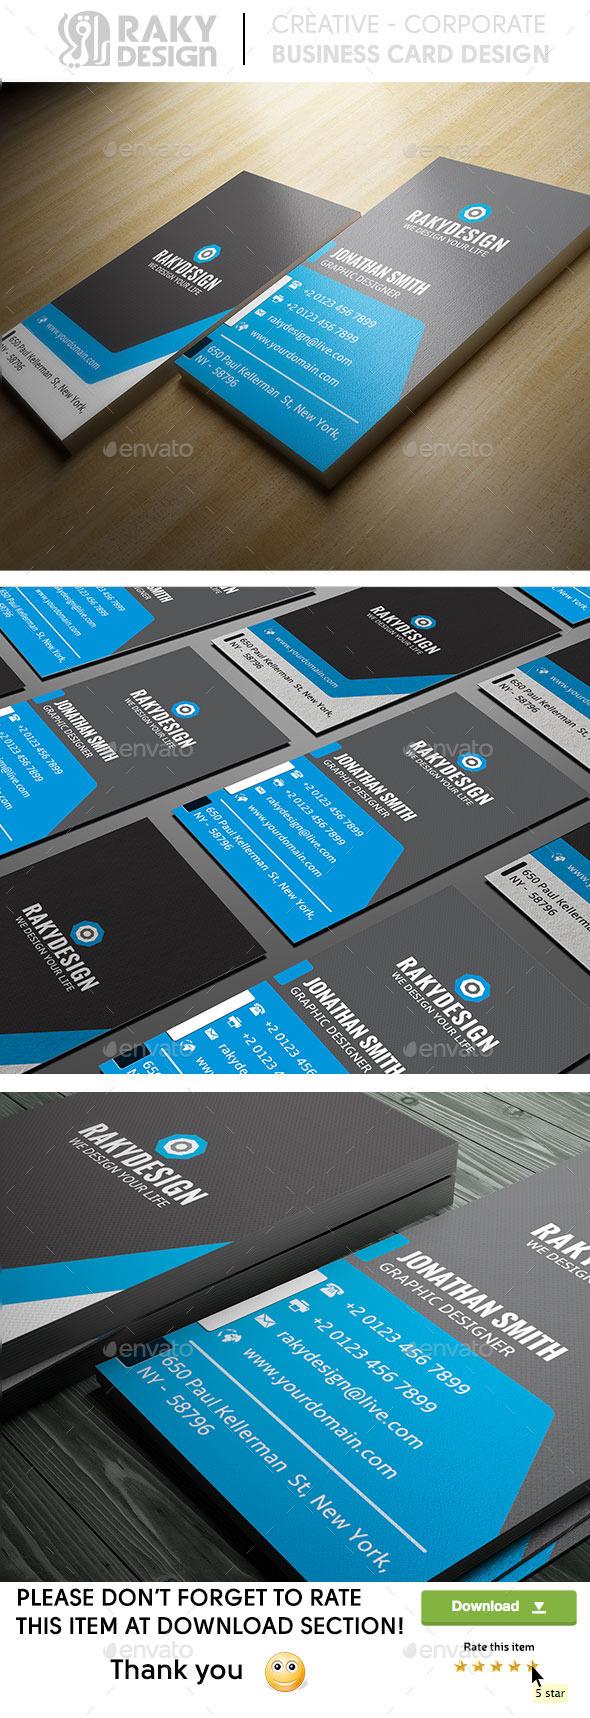 Corporate 2 template corporate business card templates designs corporate 2 template corporate business card templates designs page 19 reheart Choice Image